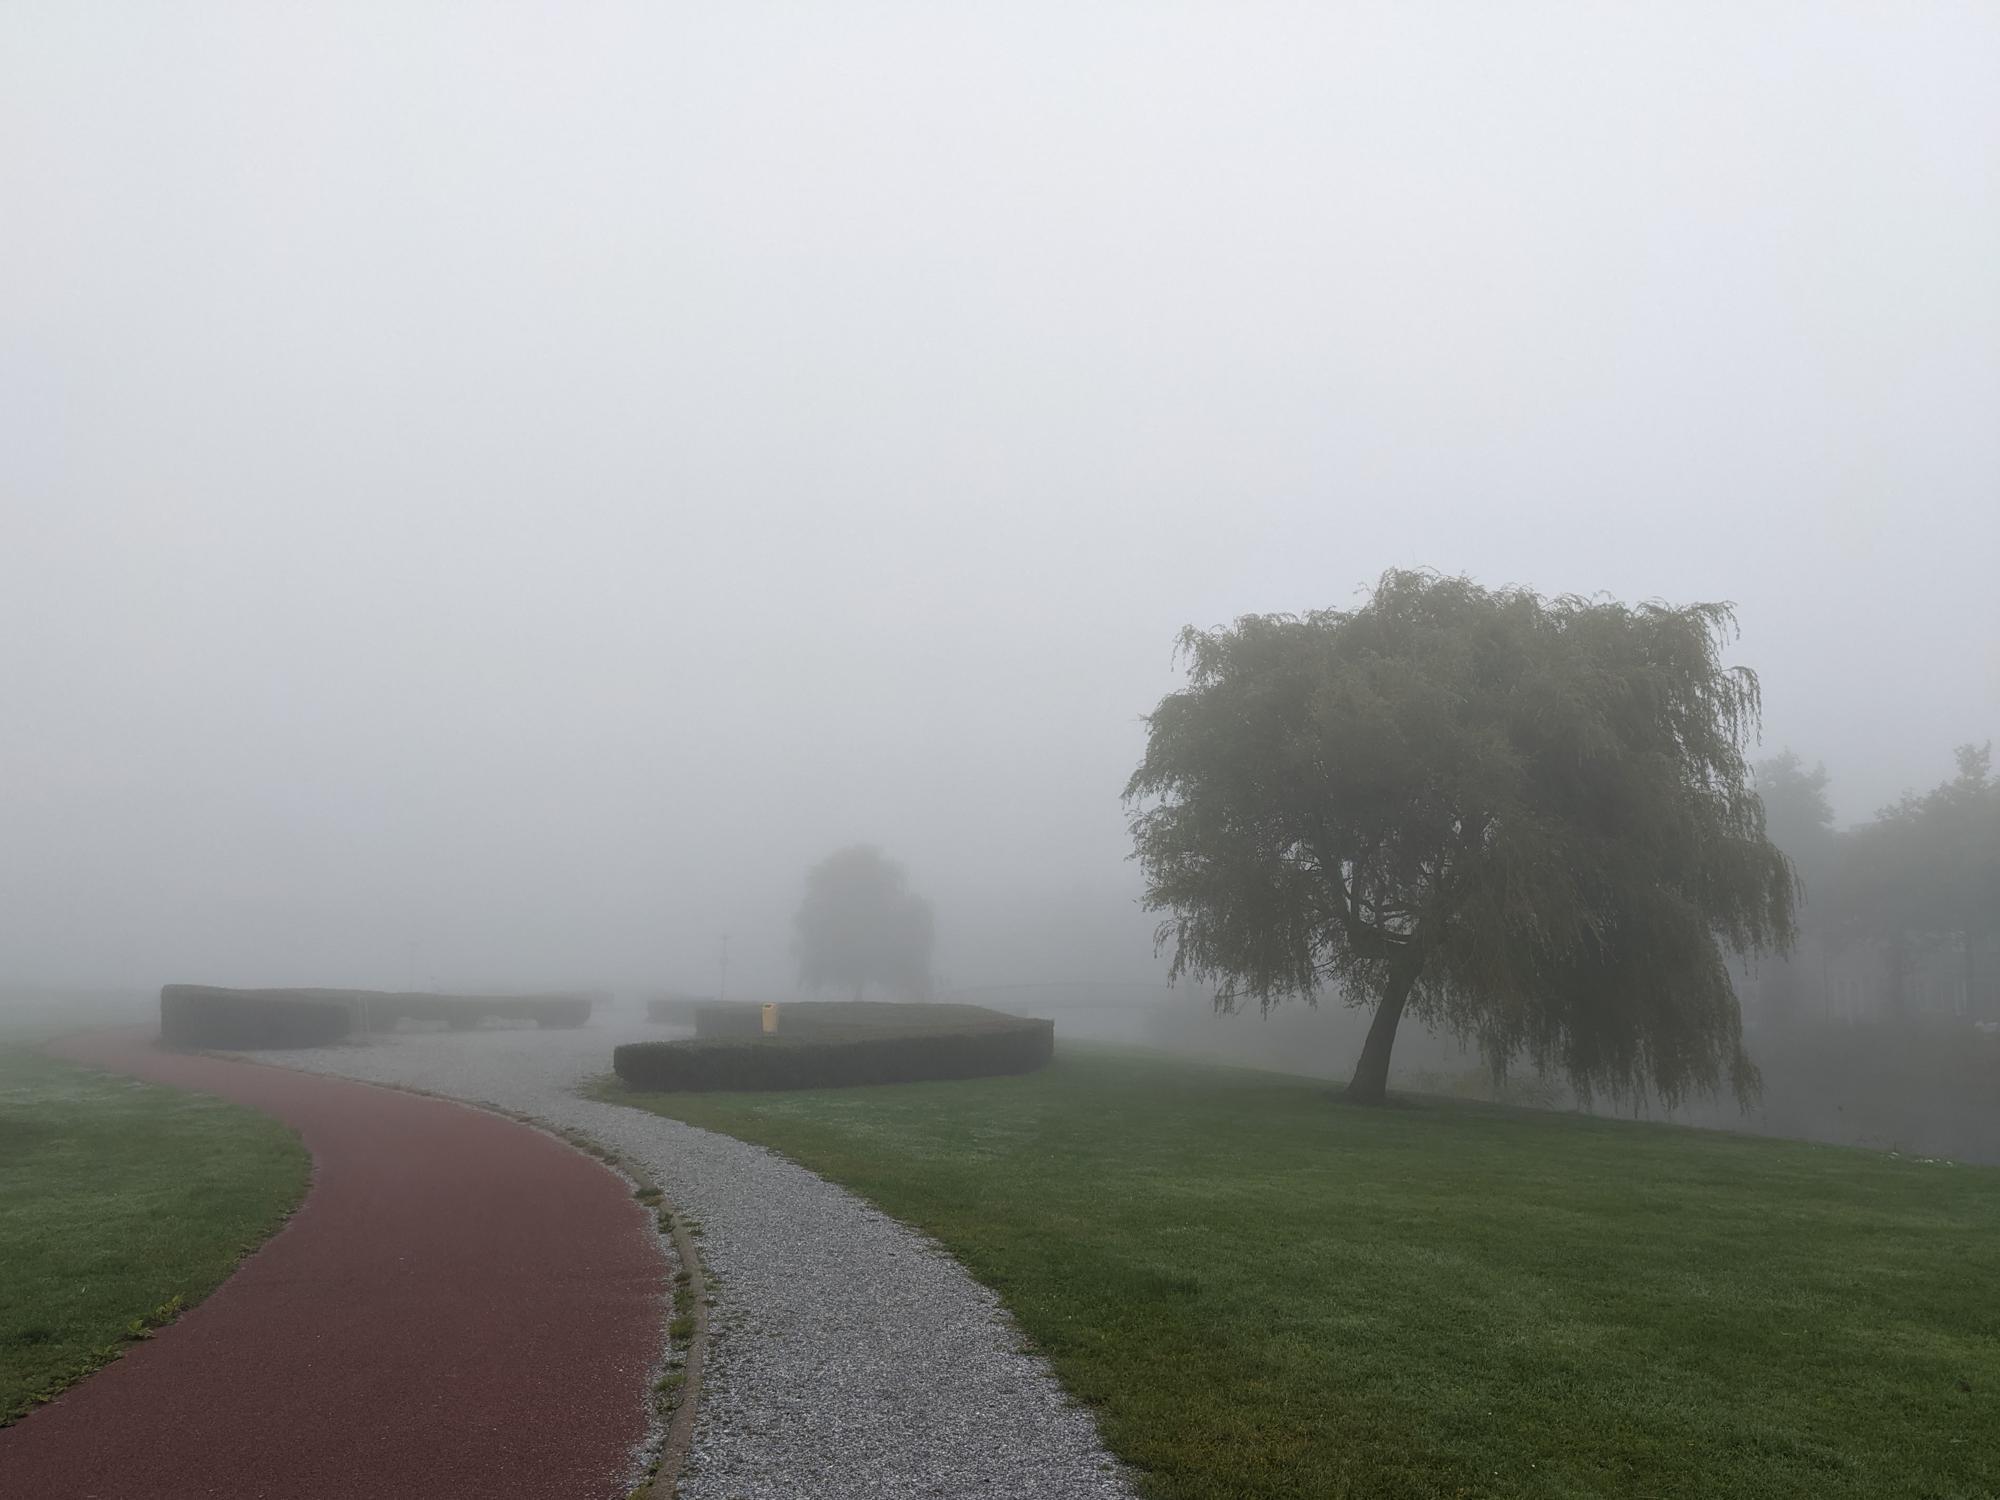 Fog in a park